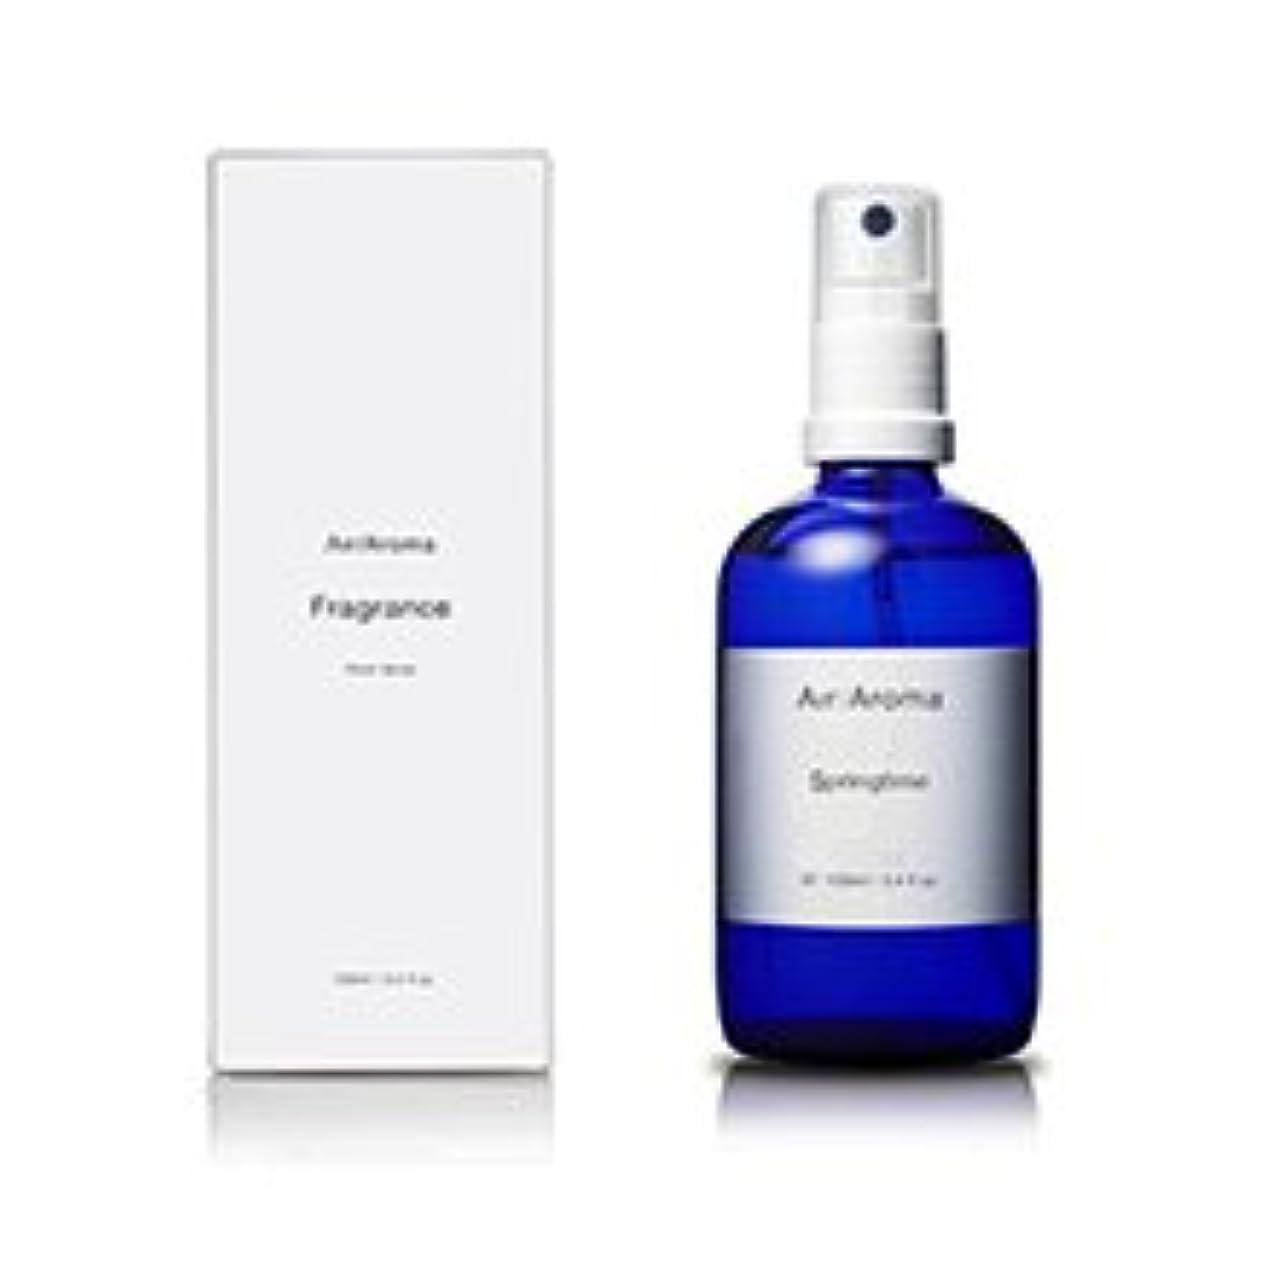 エアアロマ springtime room fragrance(スプリングタイム ルームフレグランス)100ml